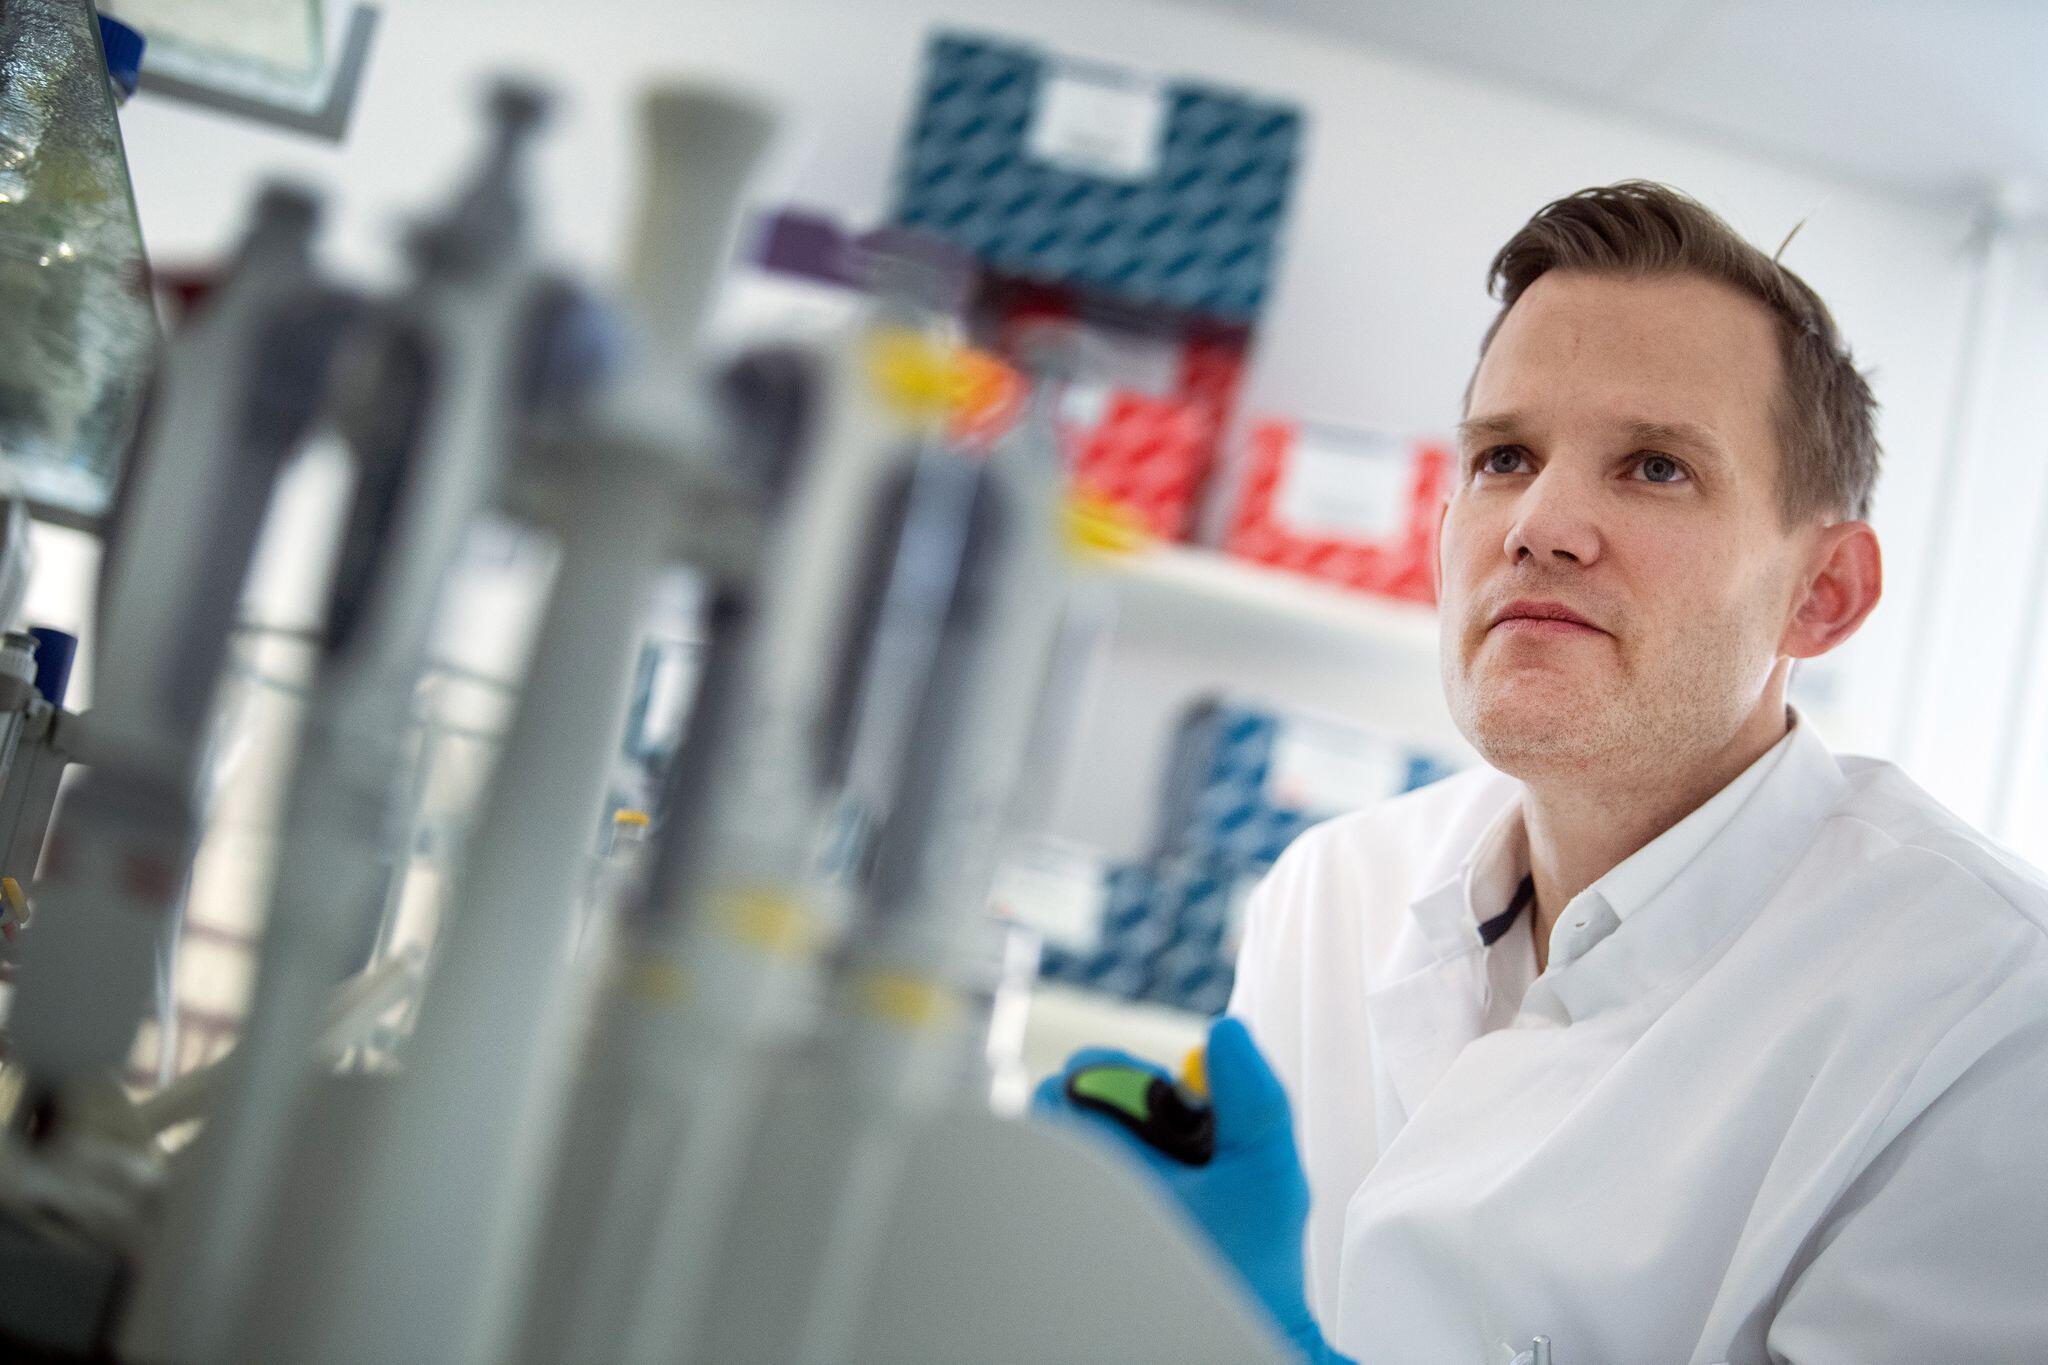 Bild zu Bonn, Virologe, Hendrik Streeck